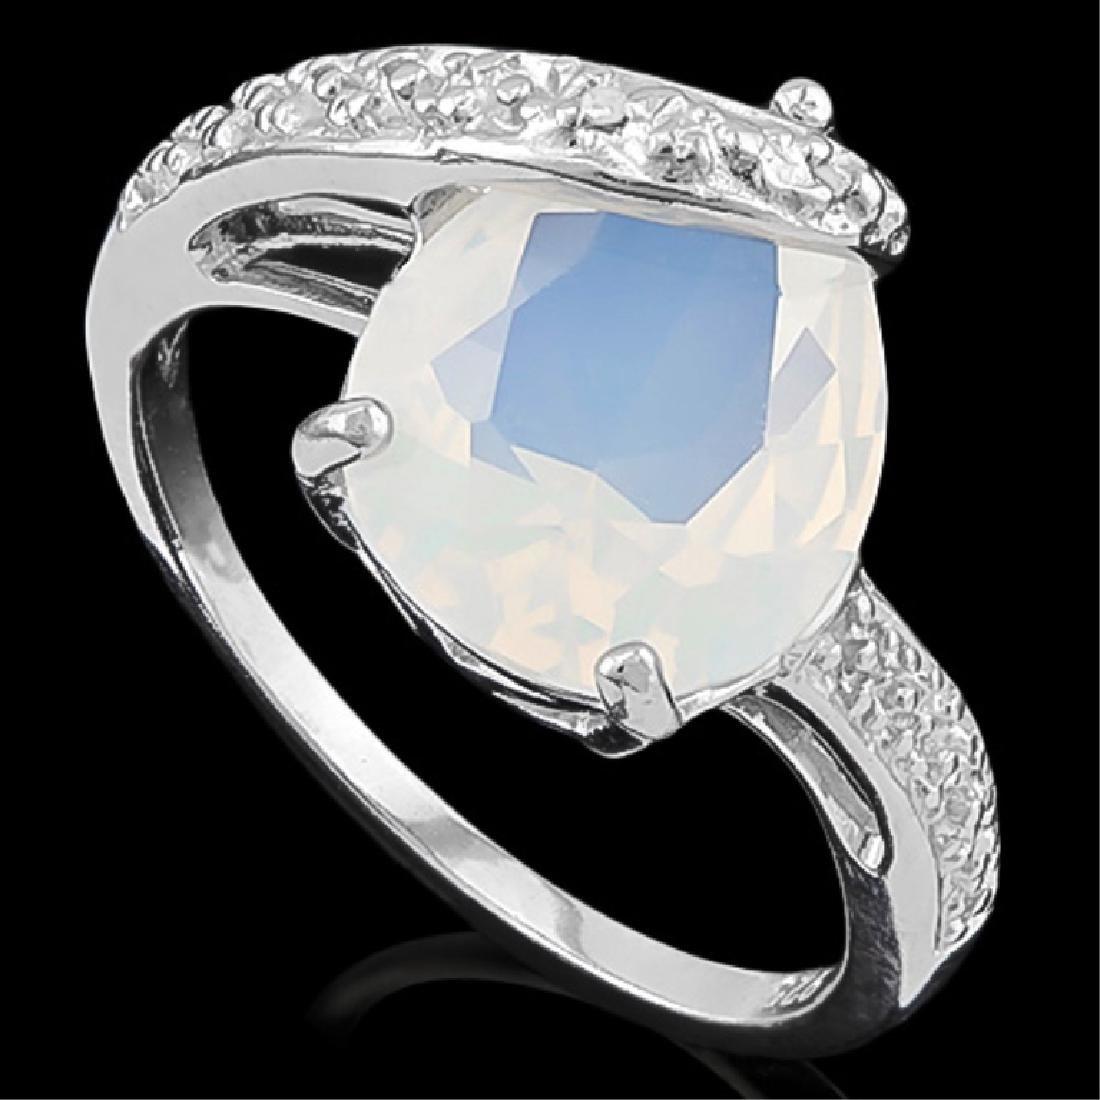 ART DECO FIRE OPAL/DIAMOND STERLING SILVER RING